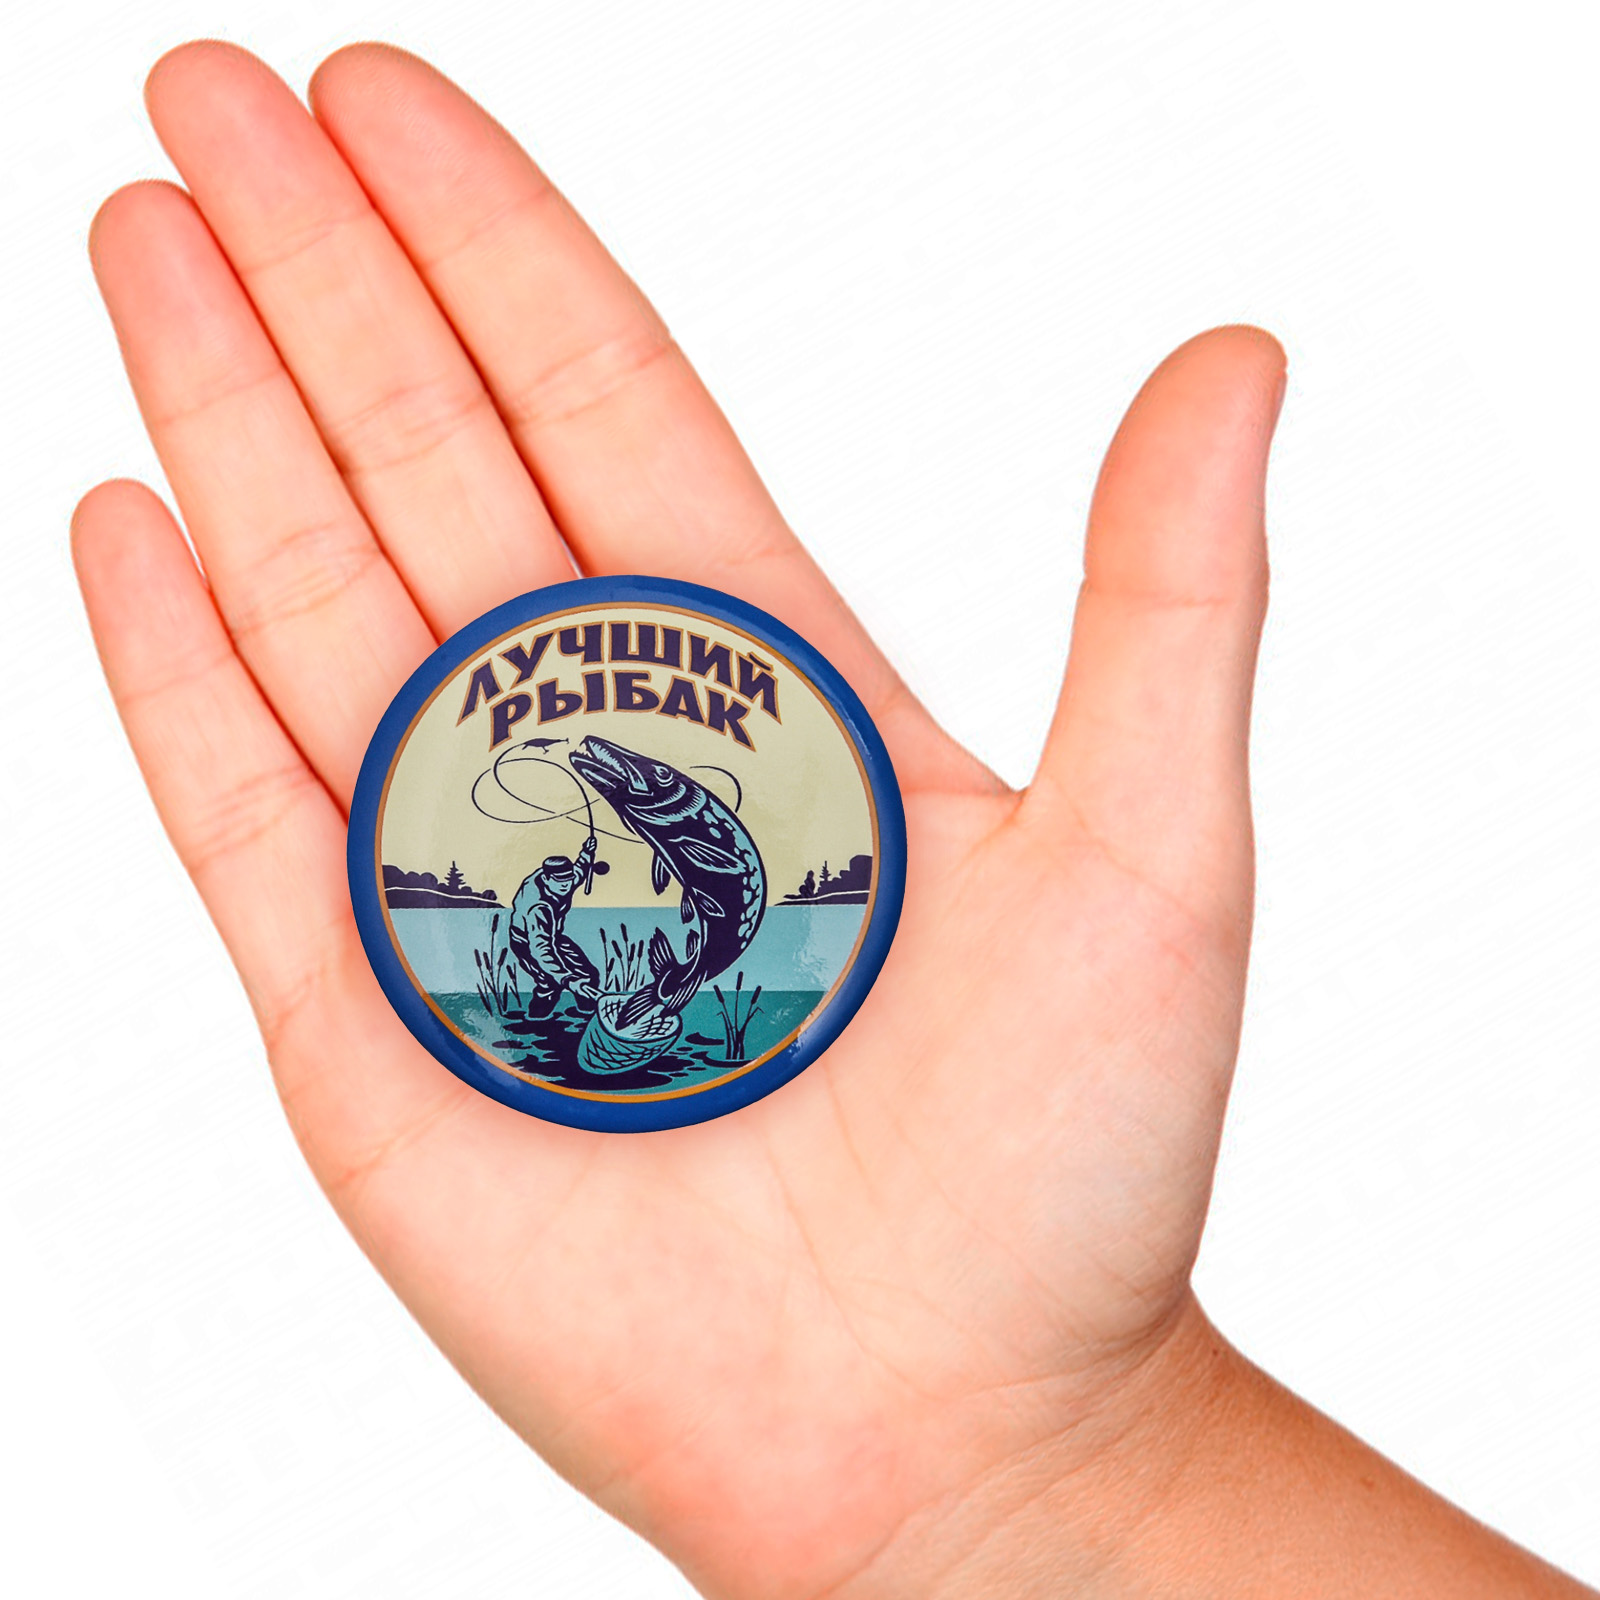 Заказать закатный значок «Лучший рыбак»